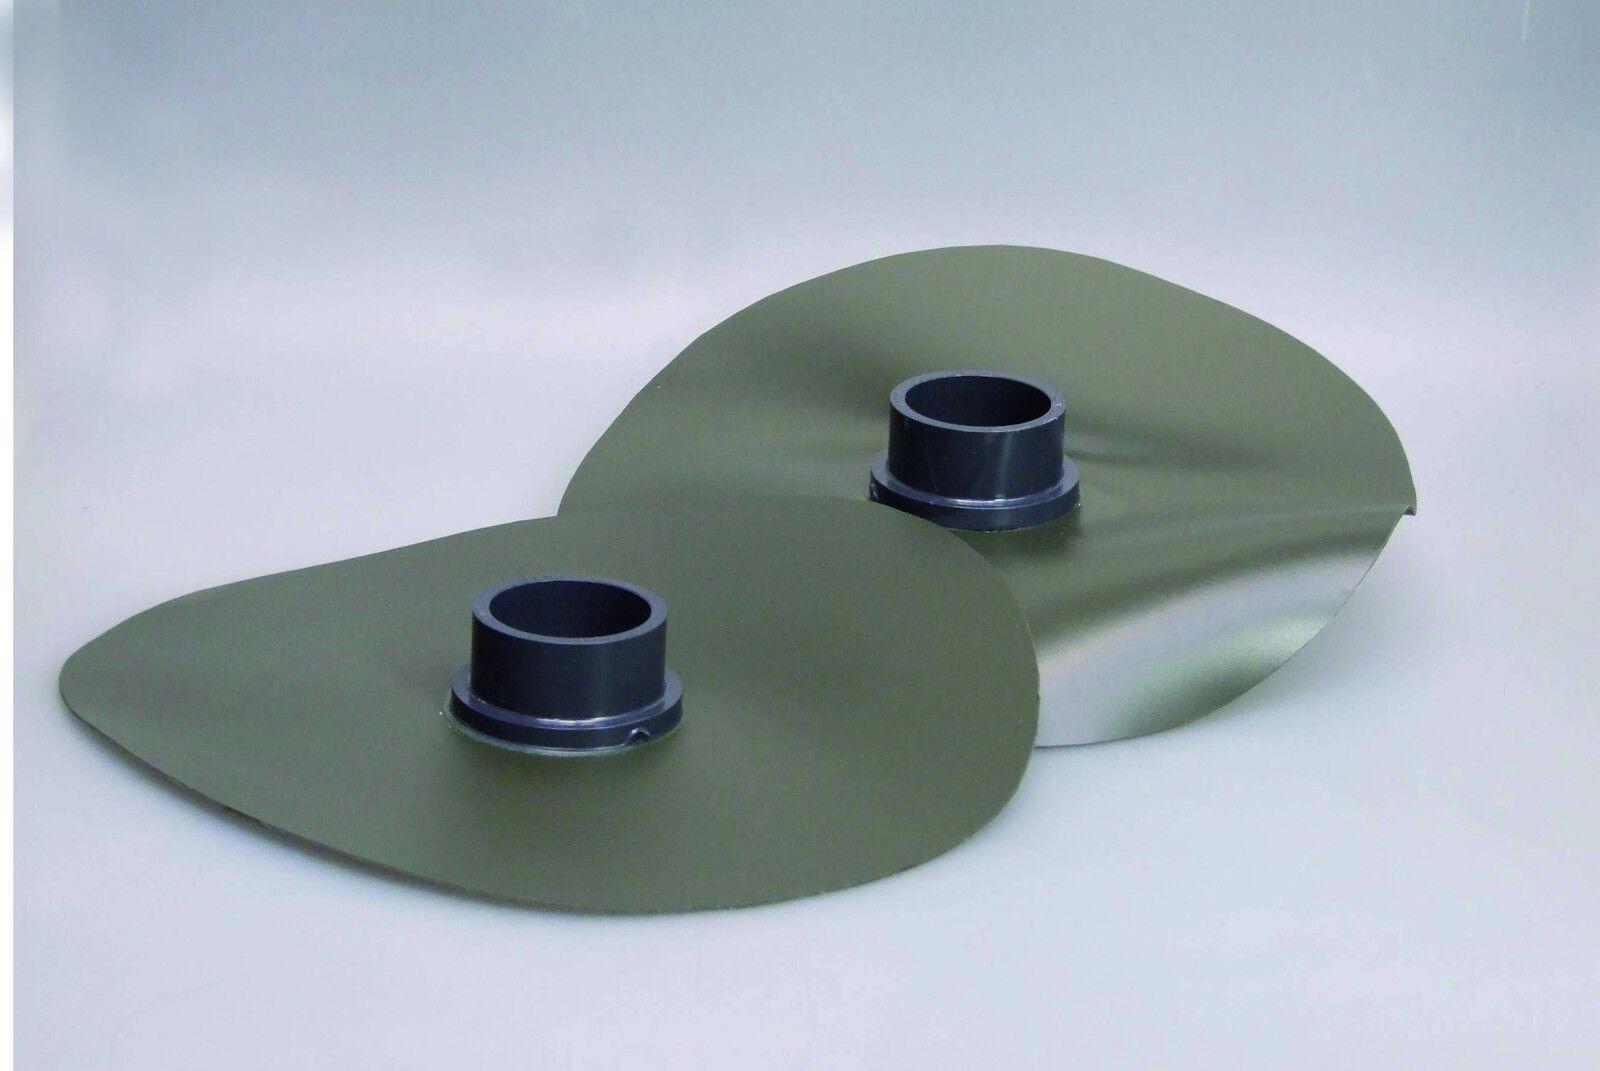 PVC-diapositive di attuazione PVC-foliendurchf. ad incollaggio Ø 110 mm, presa unilateralmente